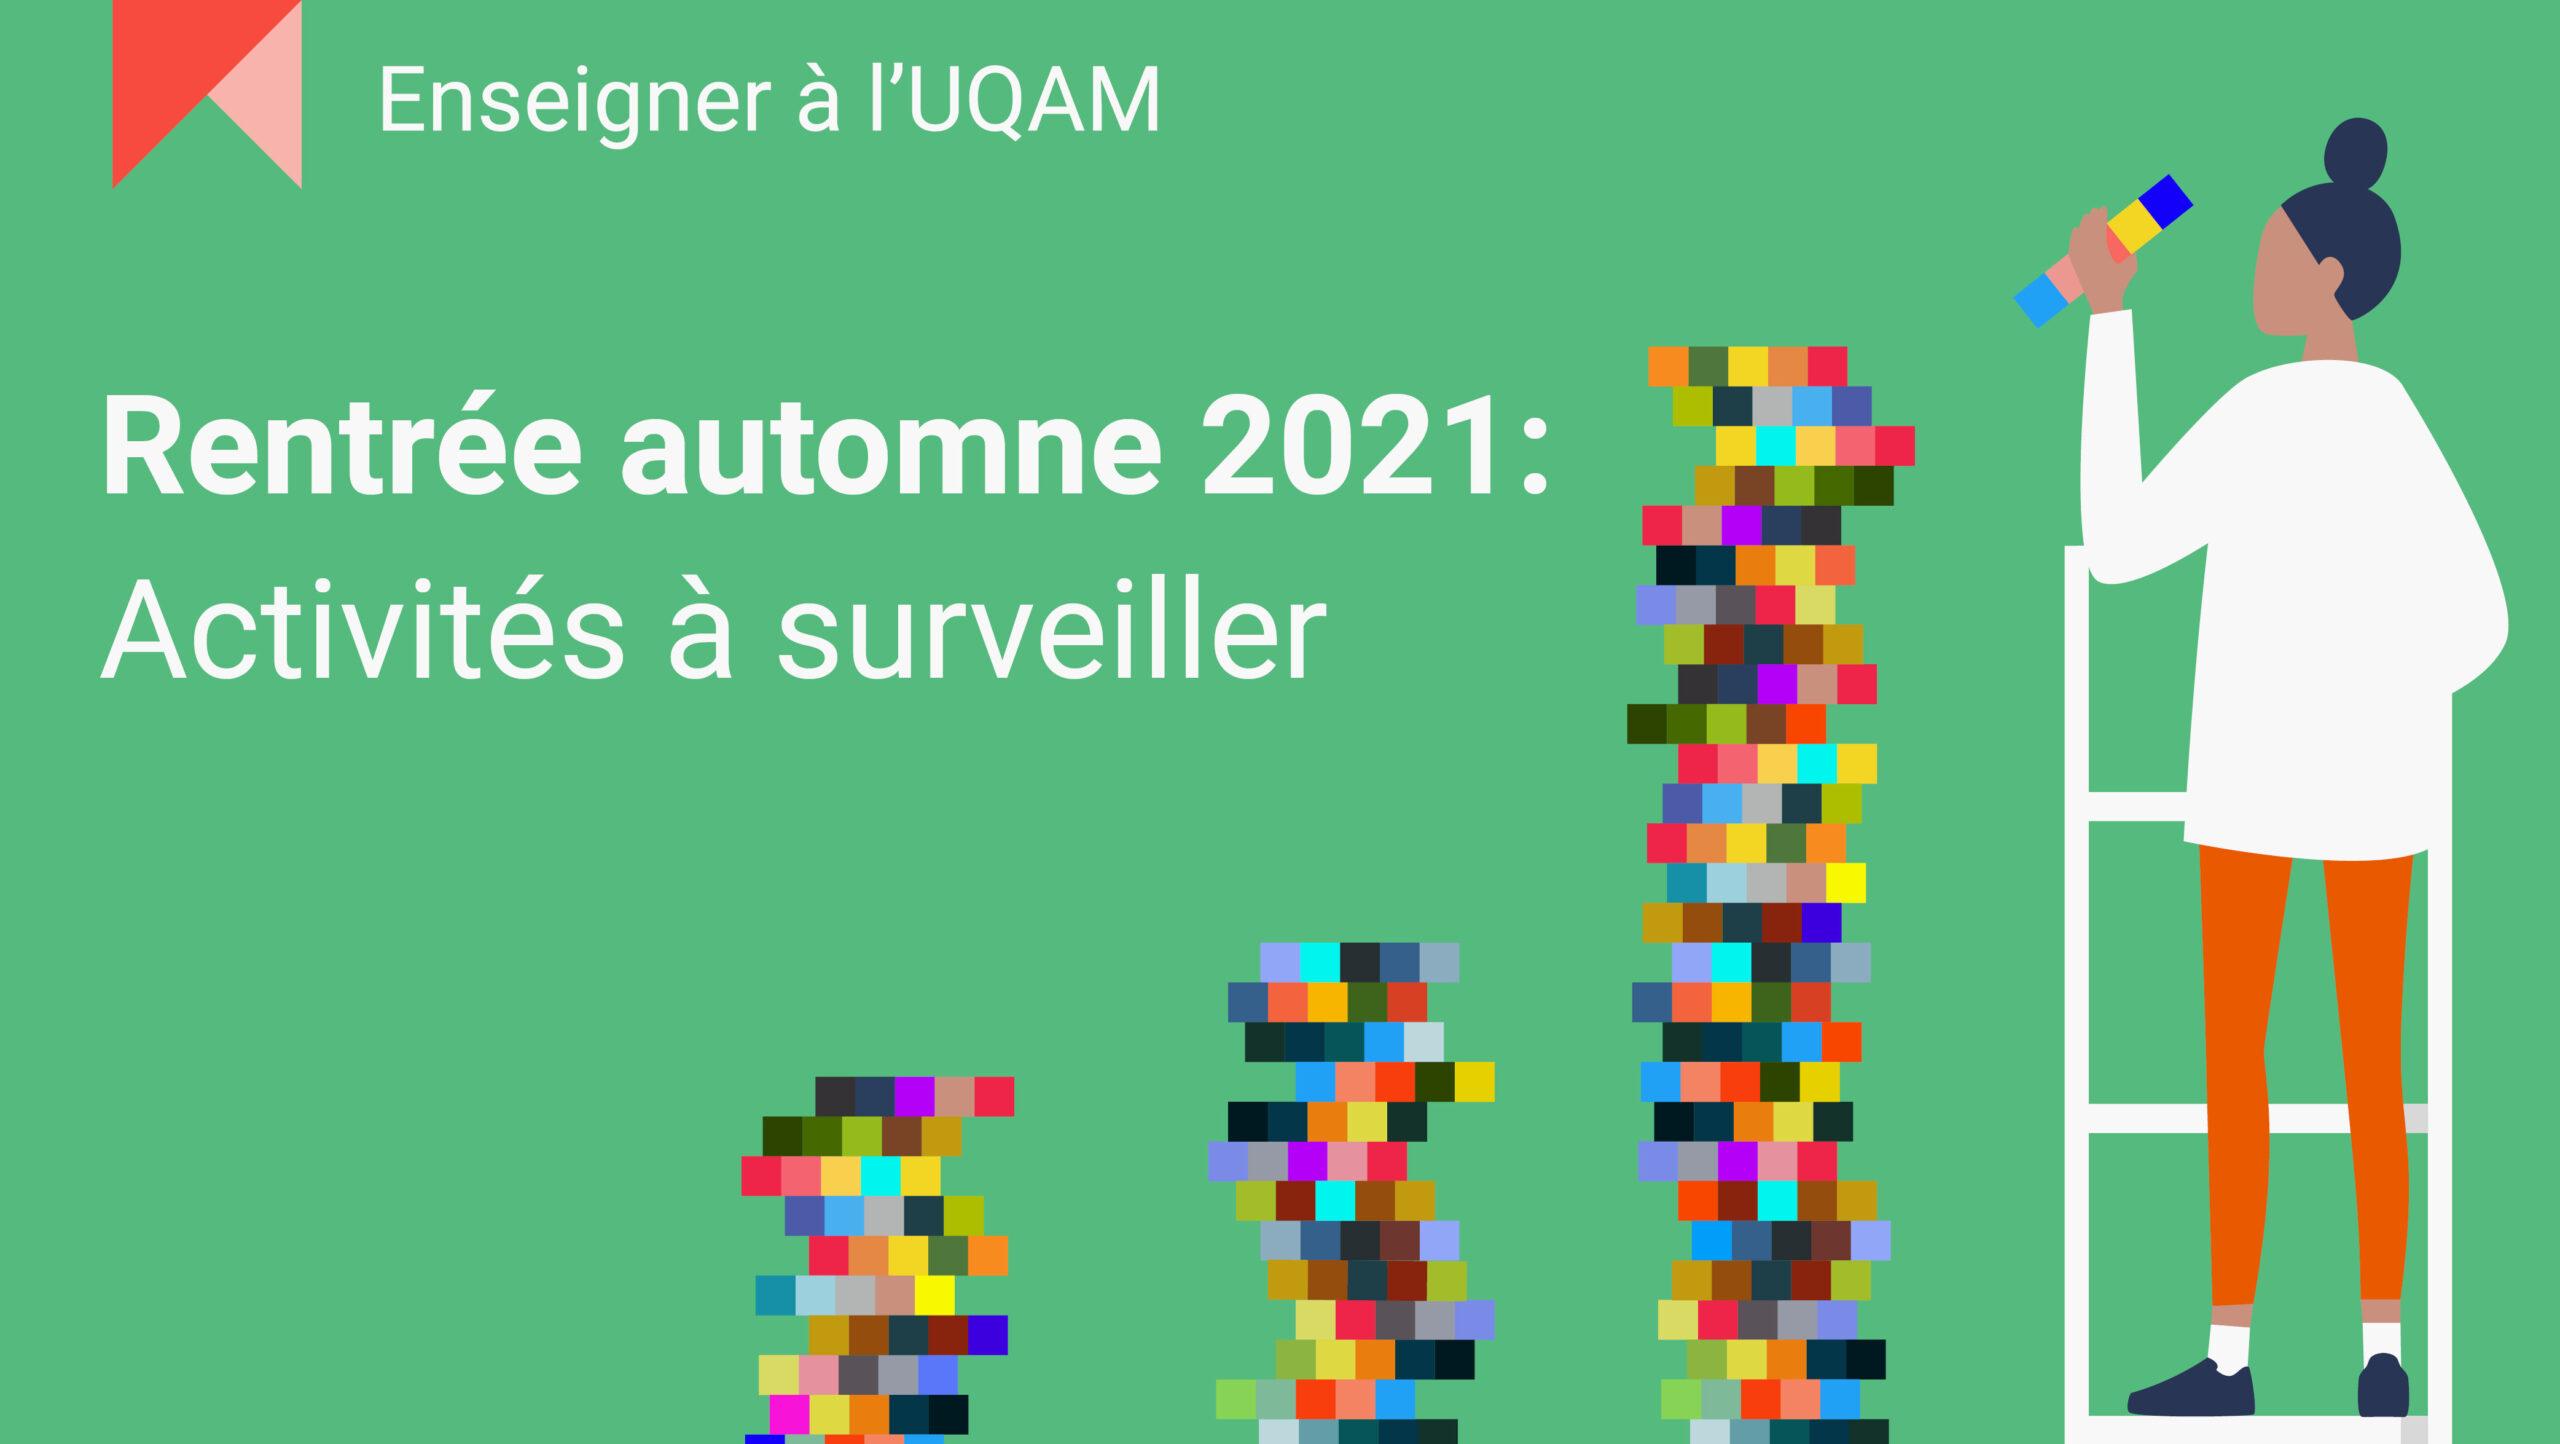 Rentrée automne 2021 : Activités à surveiller